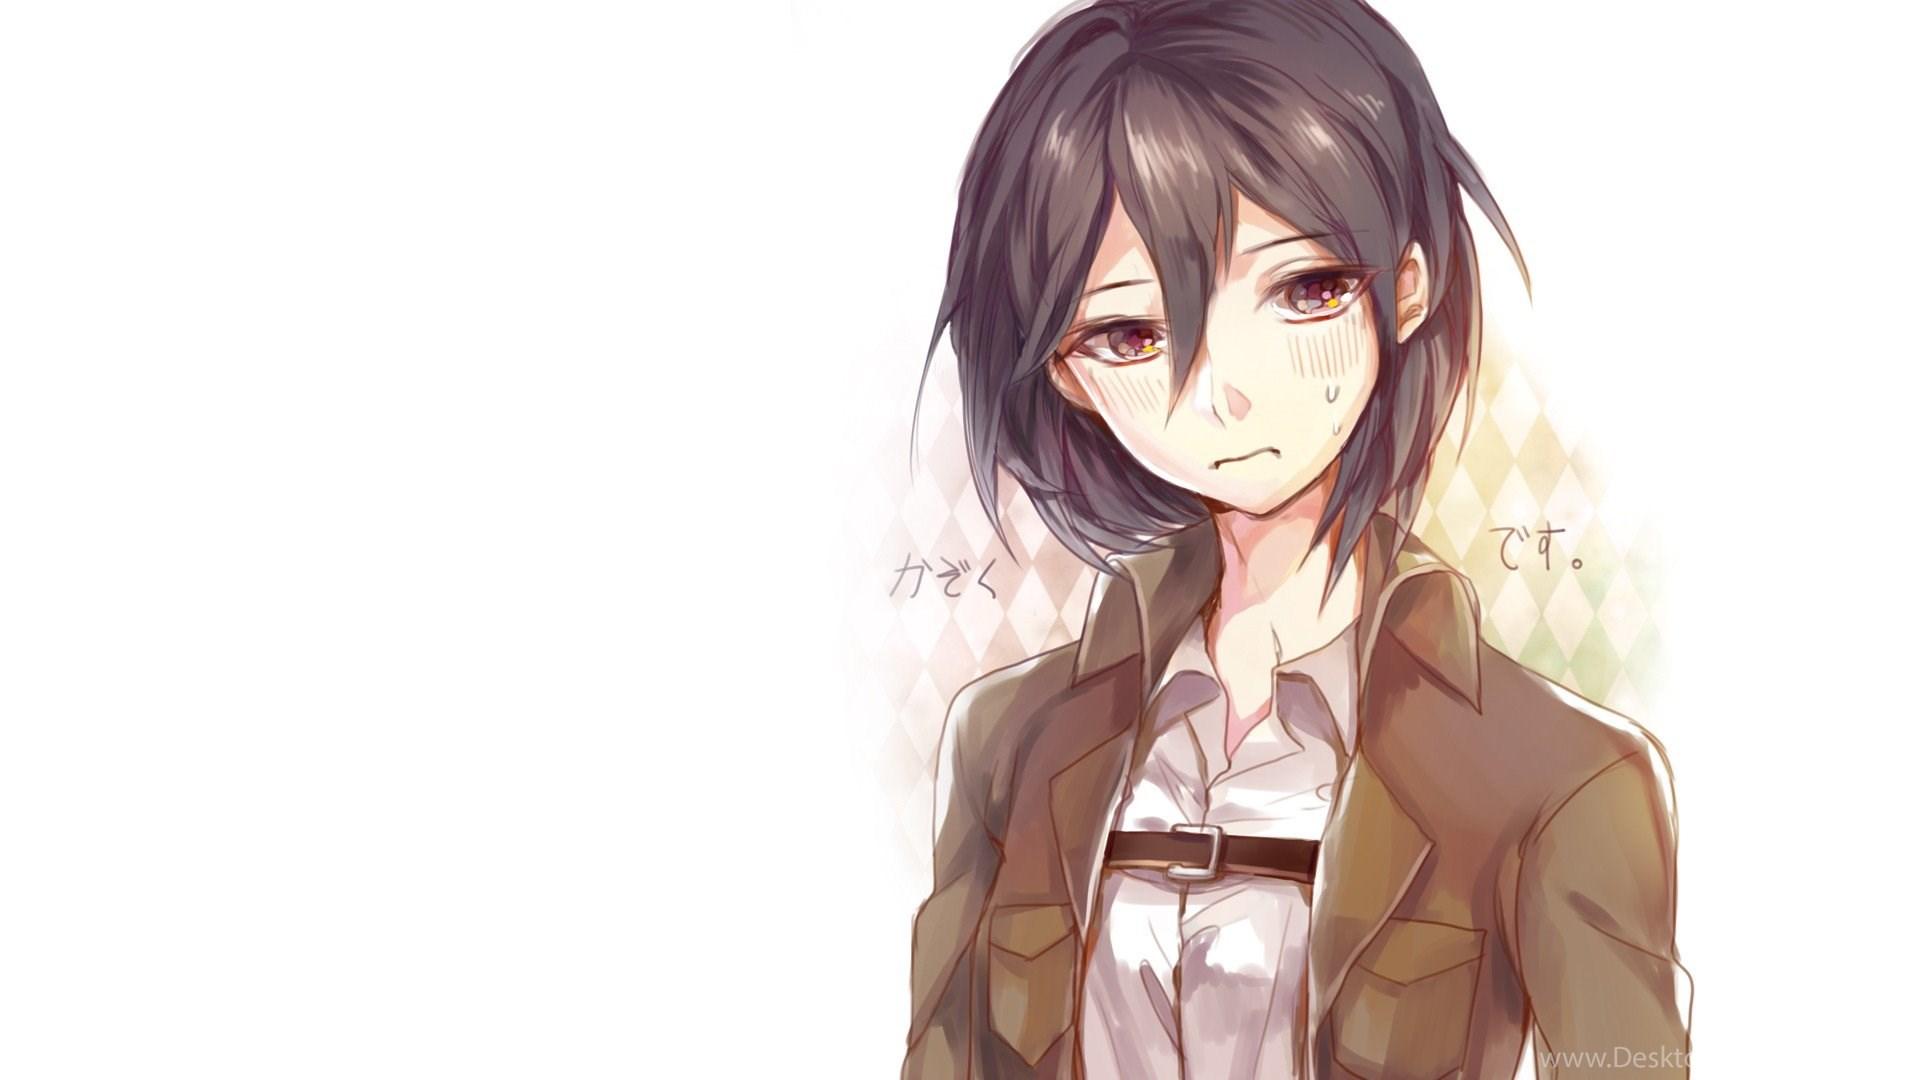 anime simple backgrounds anime girls white backgrounds shingeki no